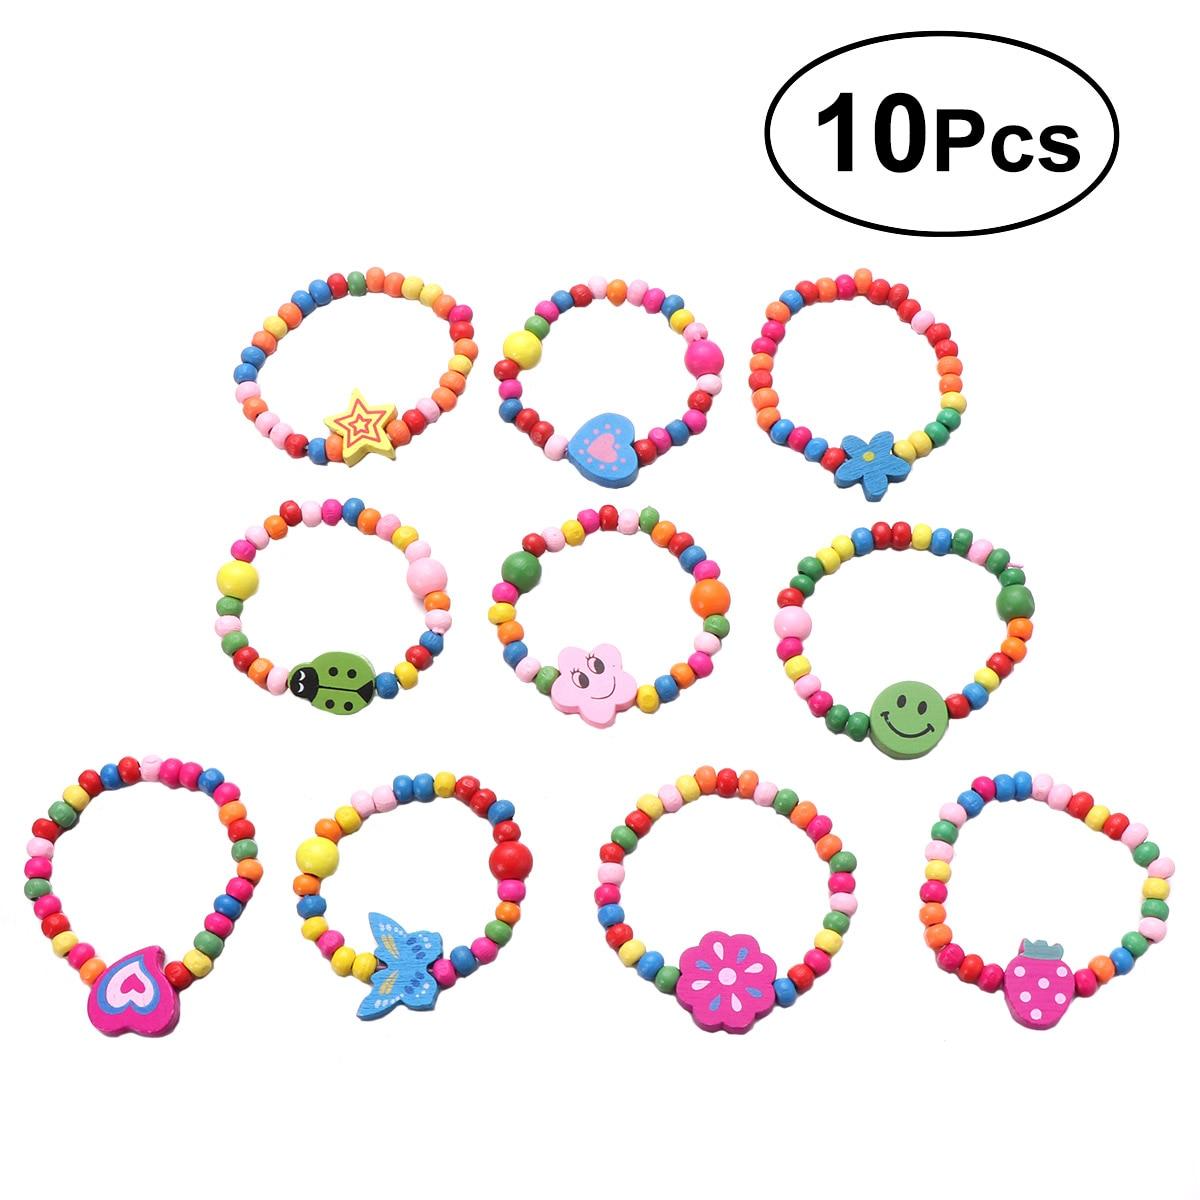 10 pièces perles de bois colorées lots mélangés Bracelets en bois enfant fille garçon enfants jouet cadeaux enfant fête sac charges pour les filles enfants